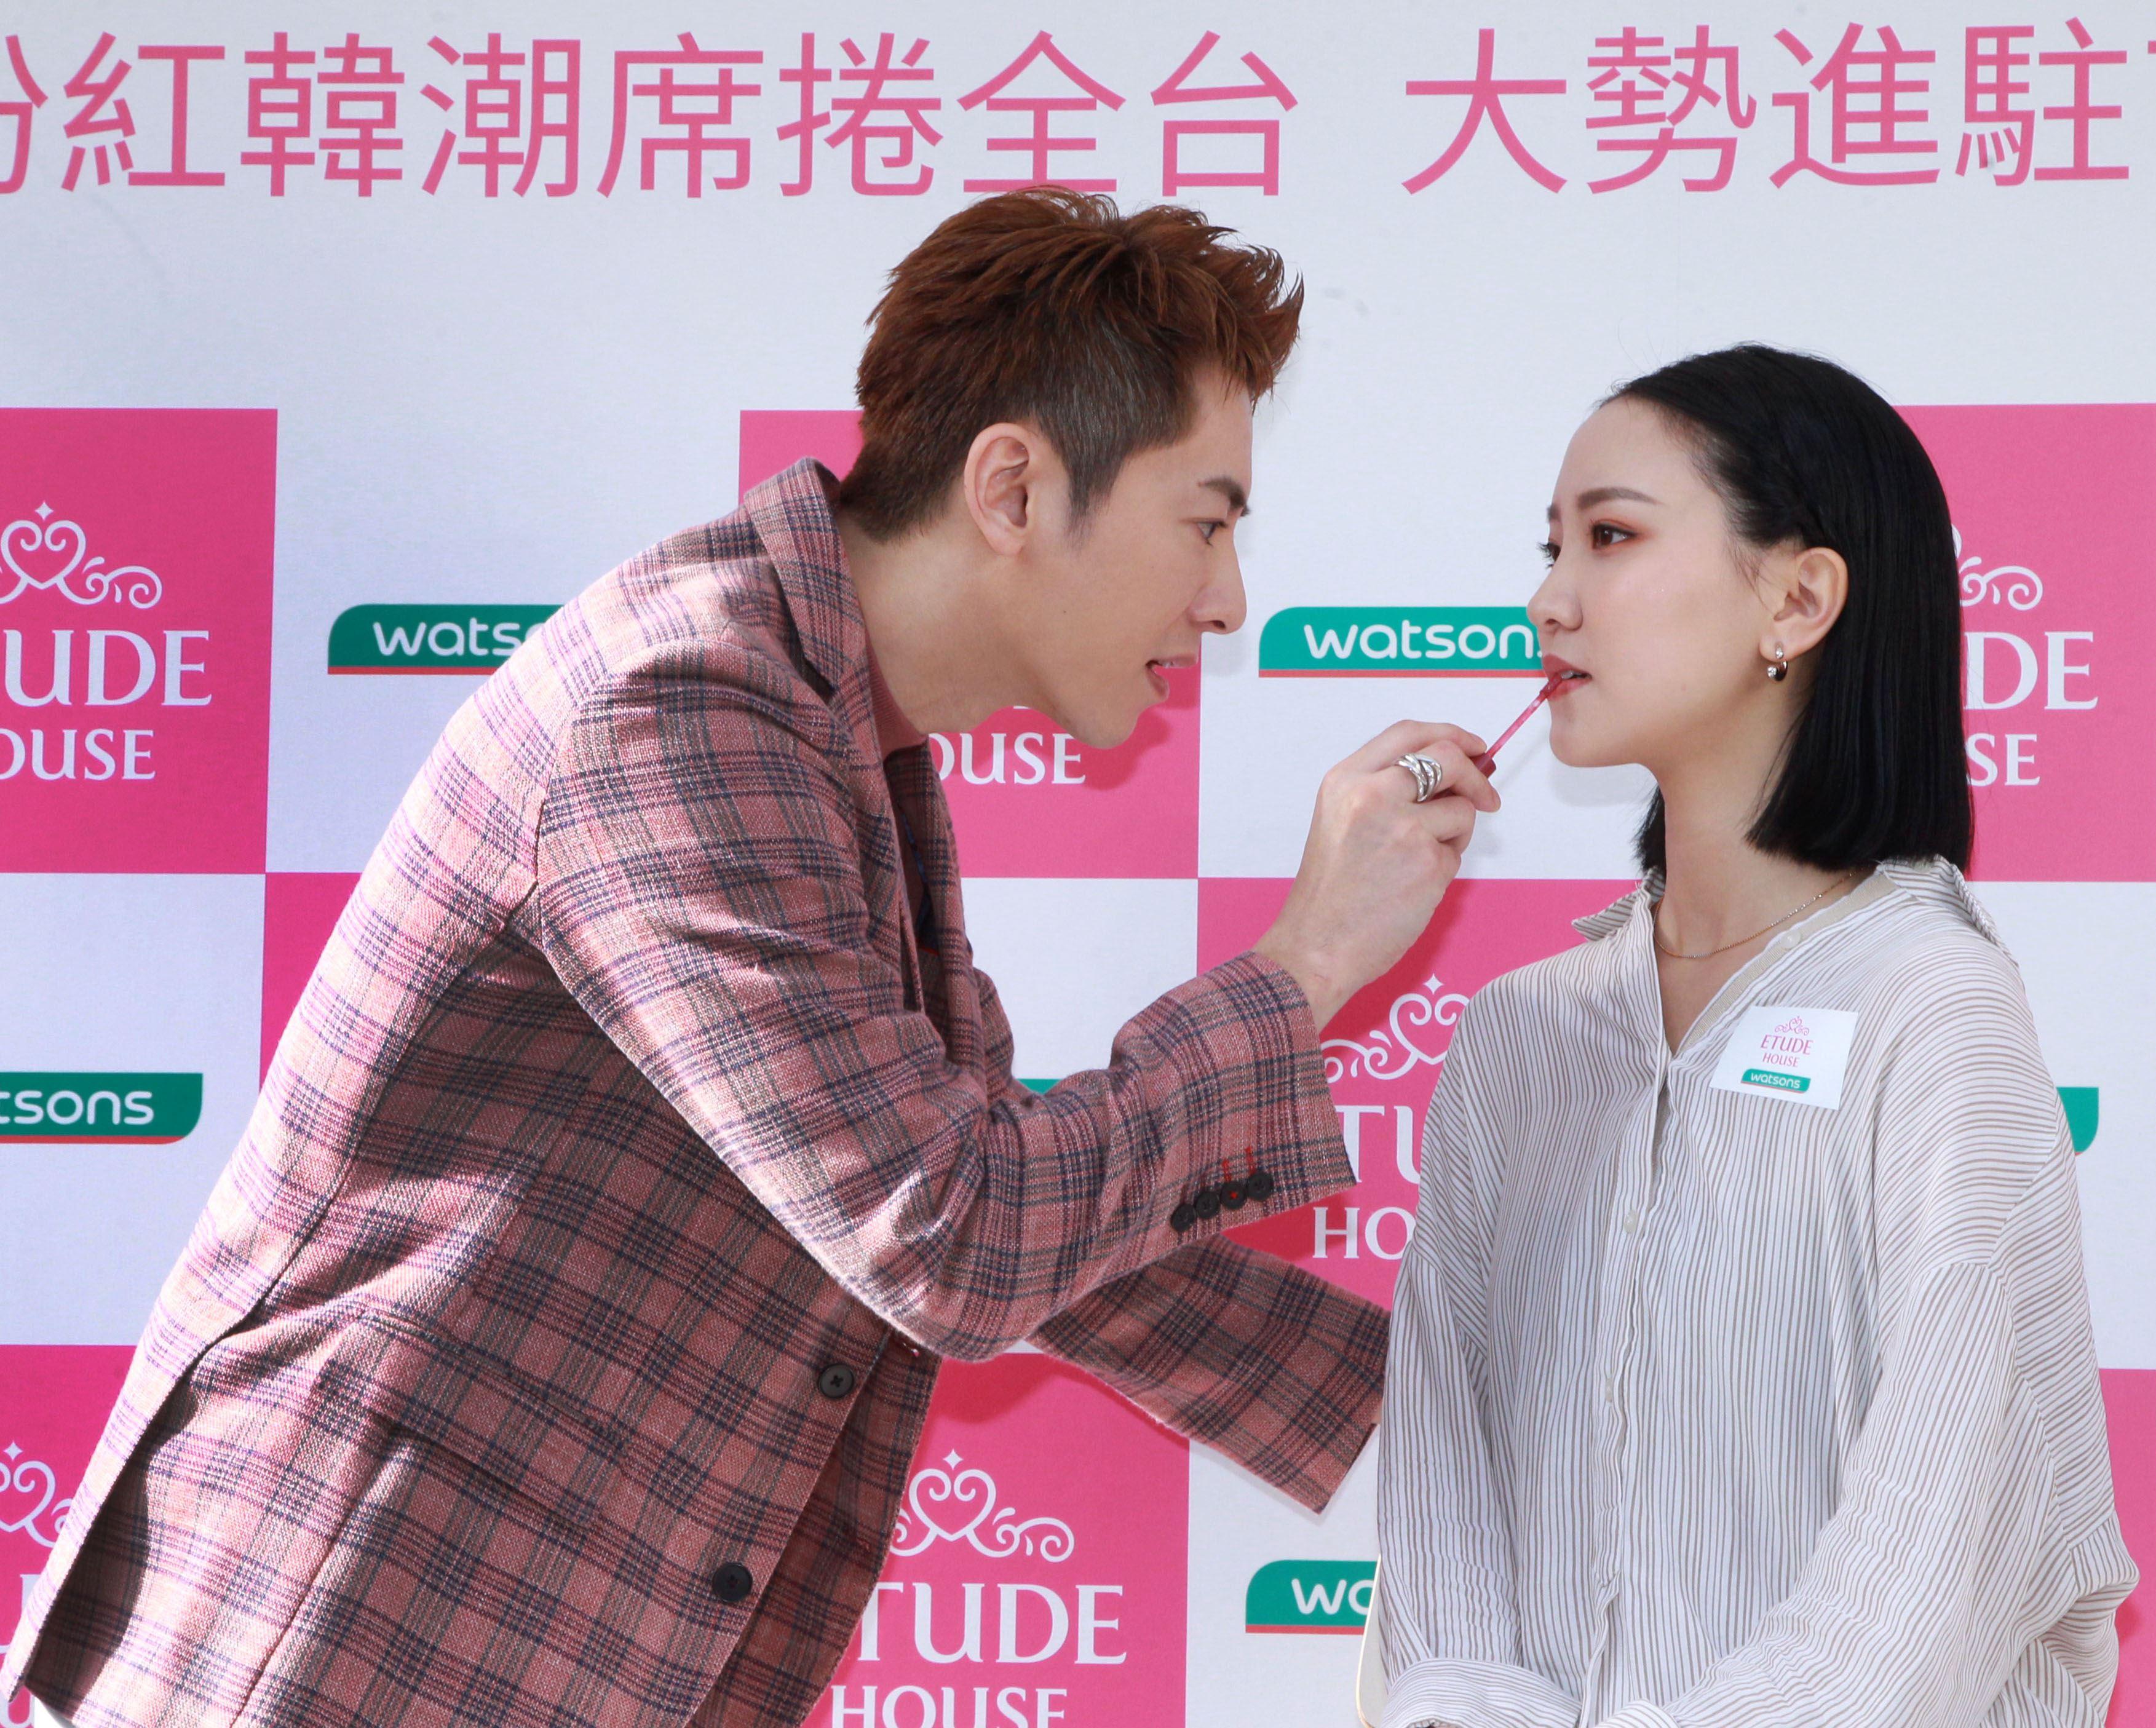 李國毅化身彩妝大師分享如何美妝。(記者邱榮吉/攝影)